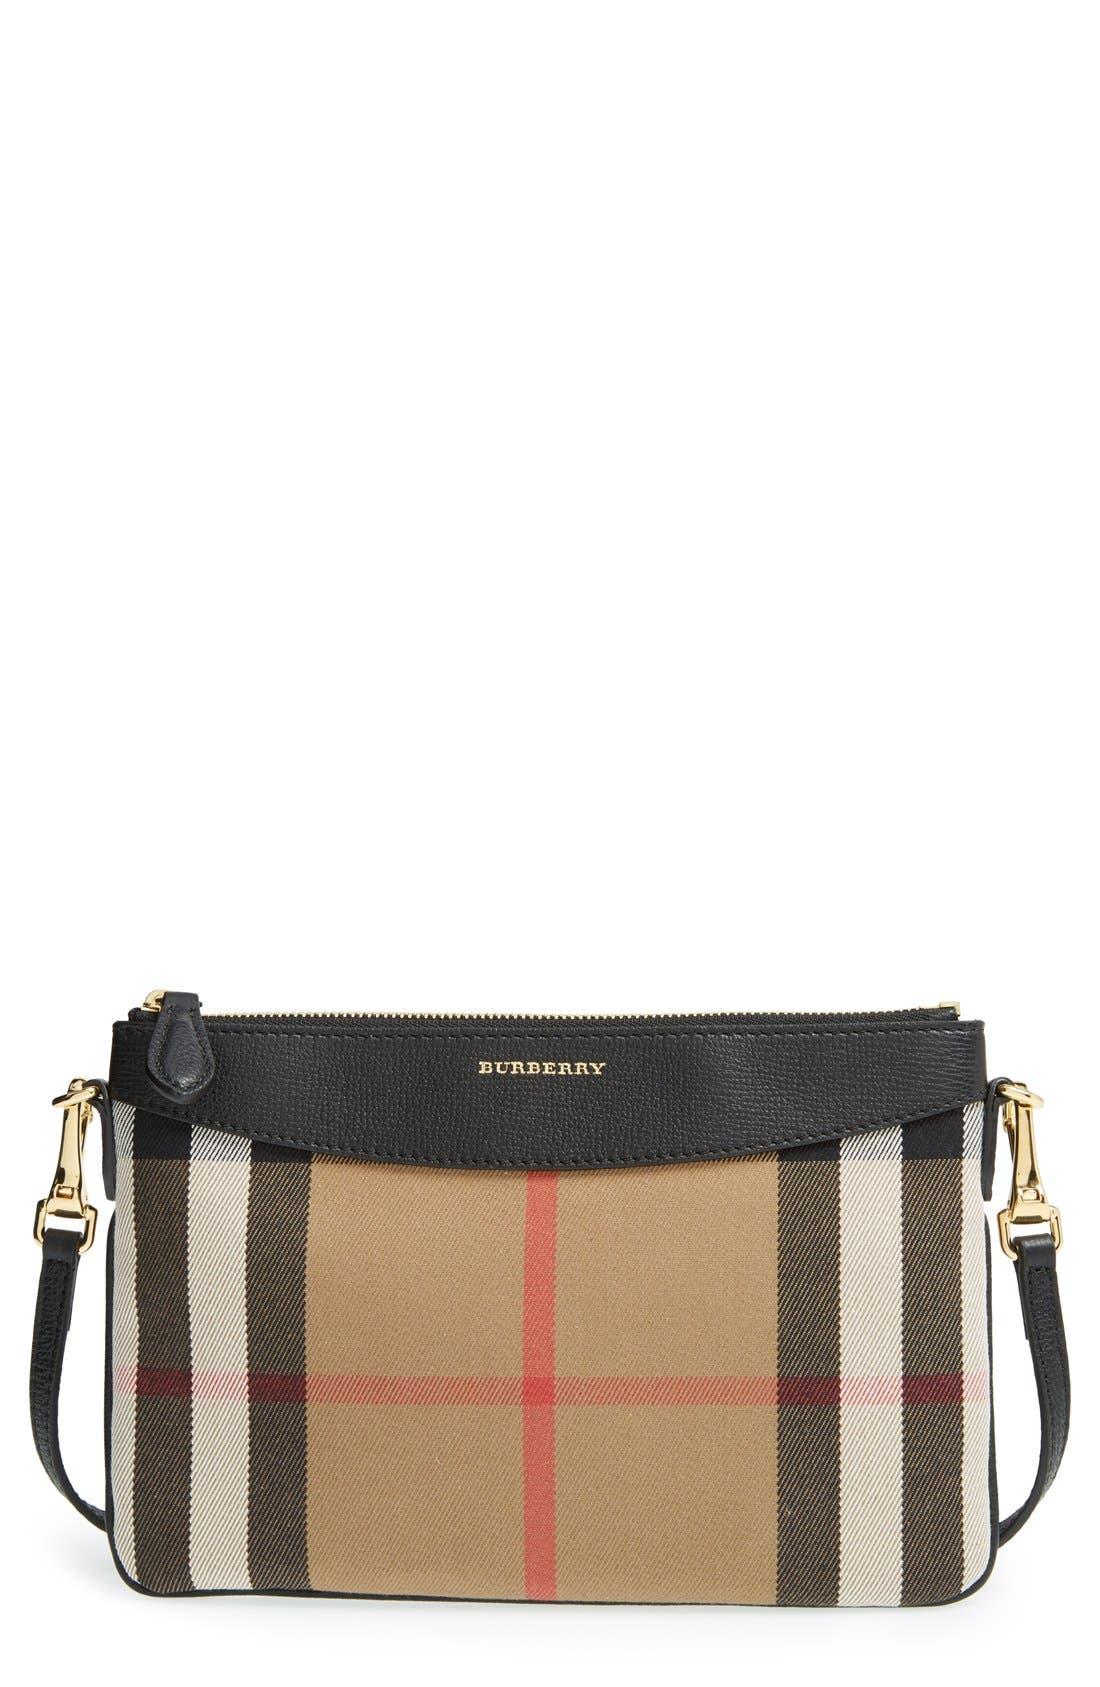 BURBERRY 'Peyton - House Check' Crossbody Bag, Main, color, 001